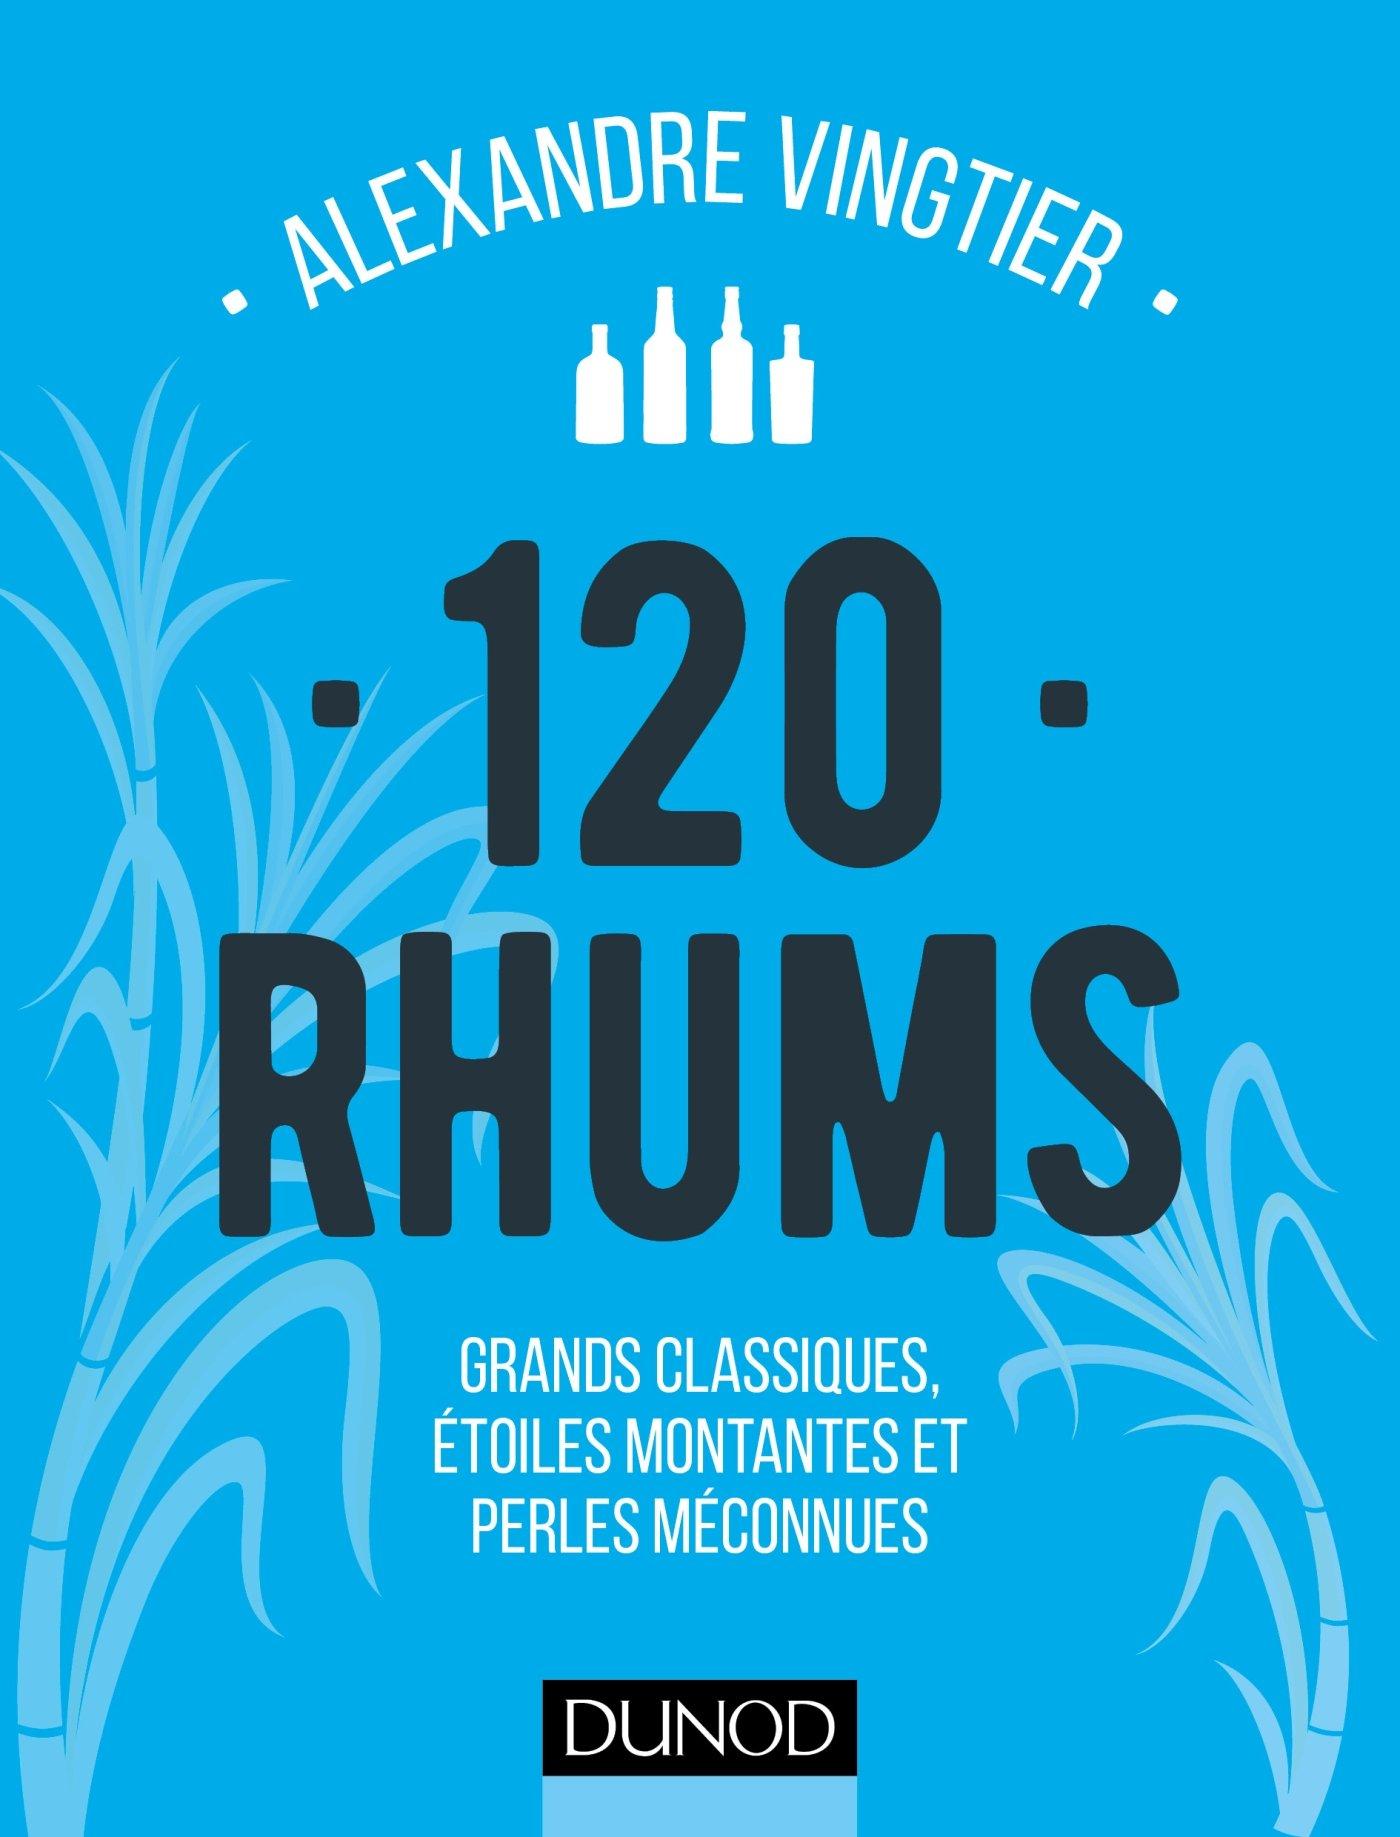 120 Rhums - Grands classiques, étoiles montantes et perles méconnues Relié – 30 mars 2016 Alexandre Vingtier Dunod 2100747185 Vins